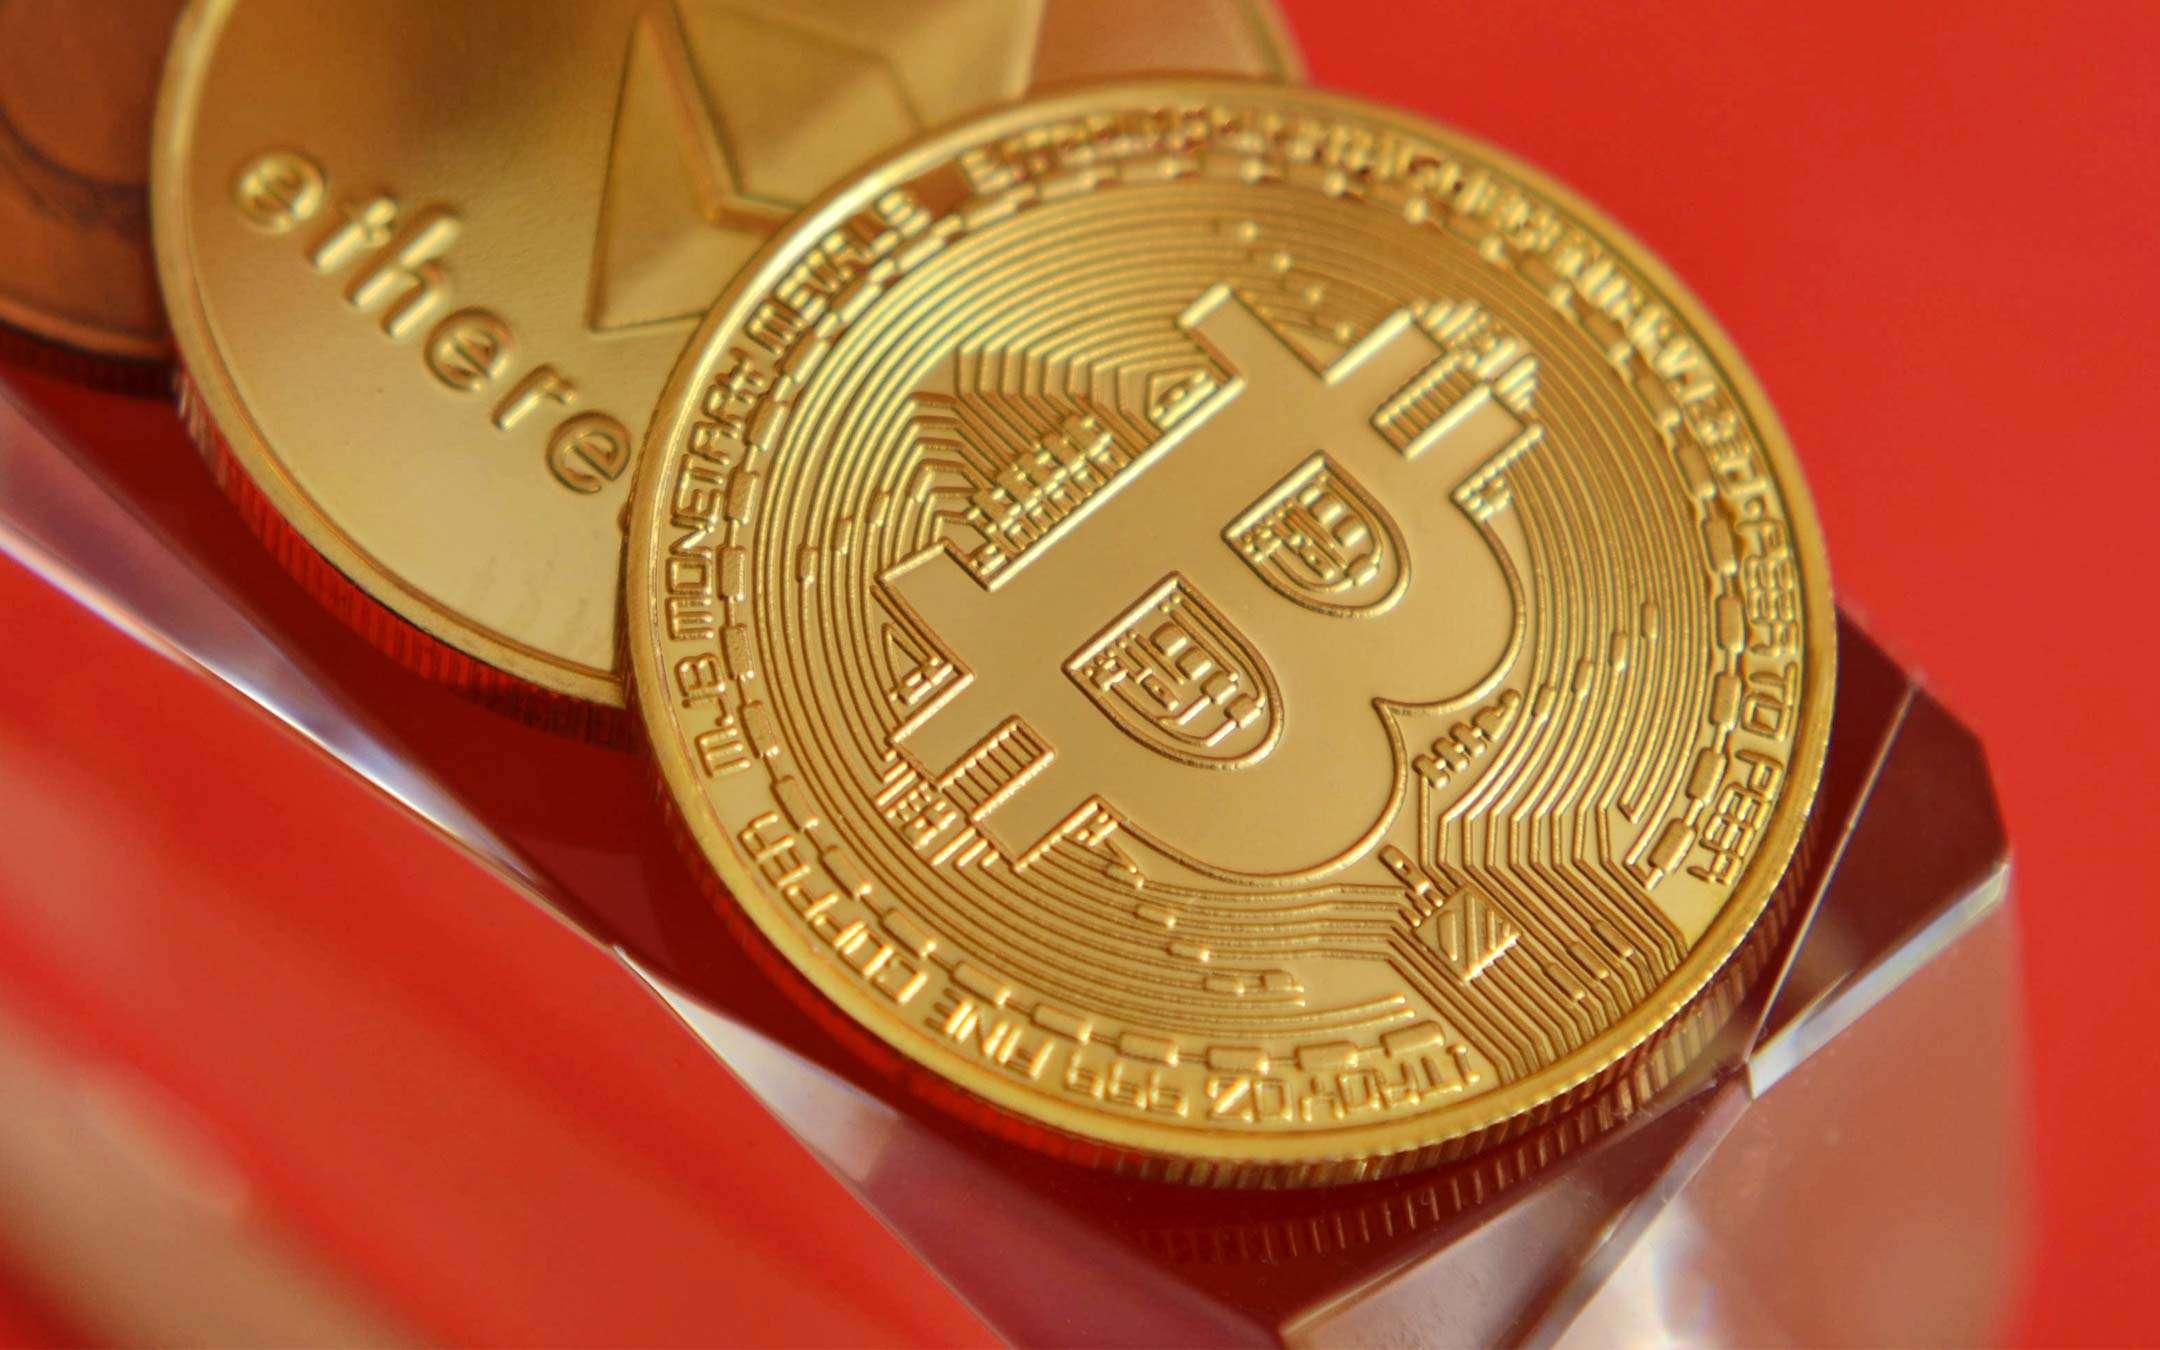 come far crescere bitcoin